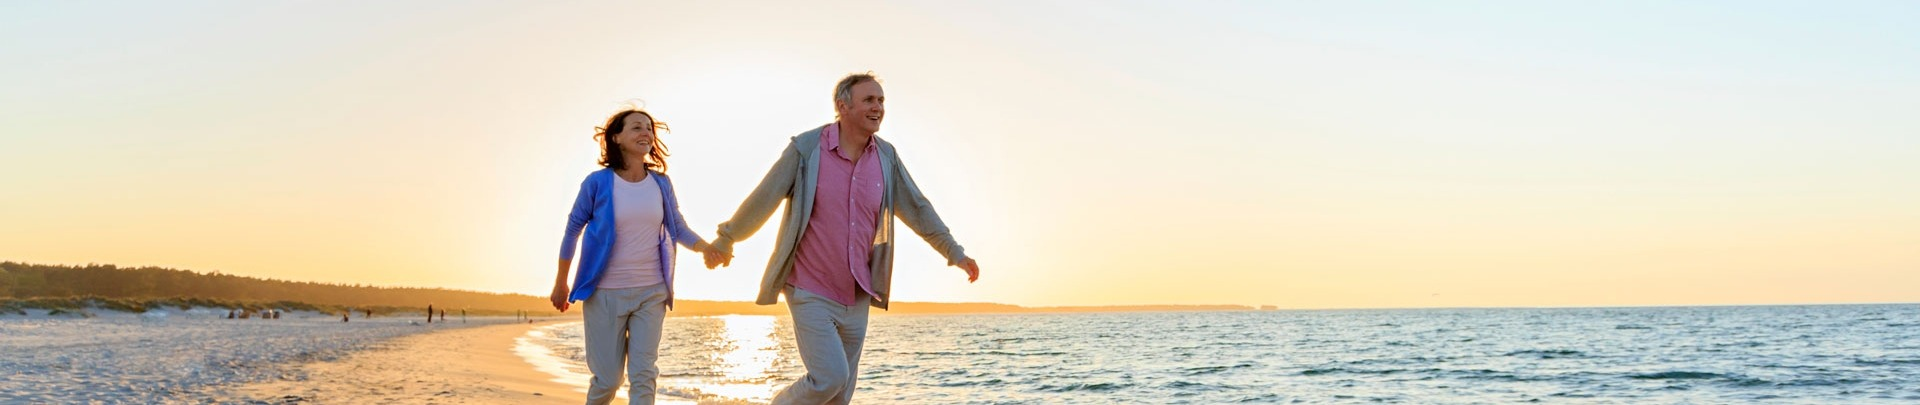 een oudere man en vrouw die over het strand rennen met de zon achter zich